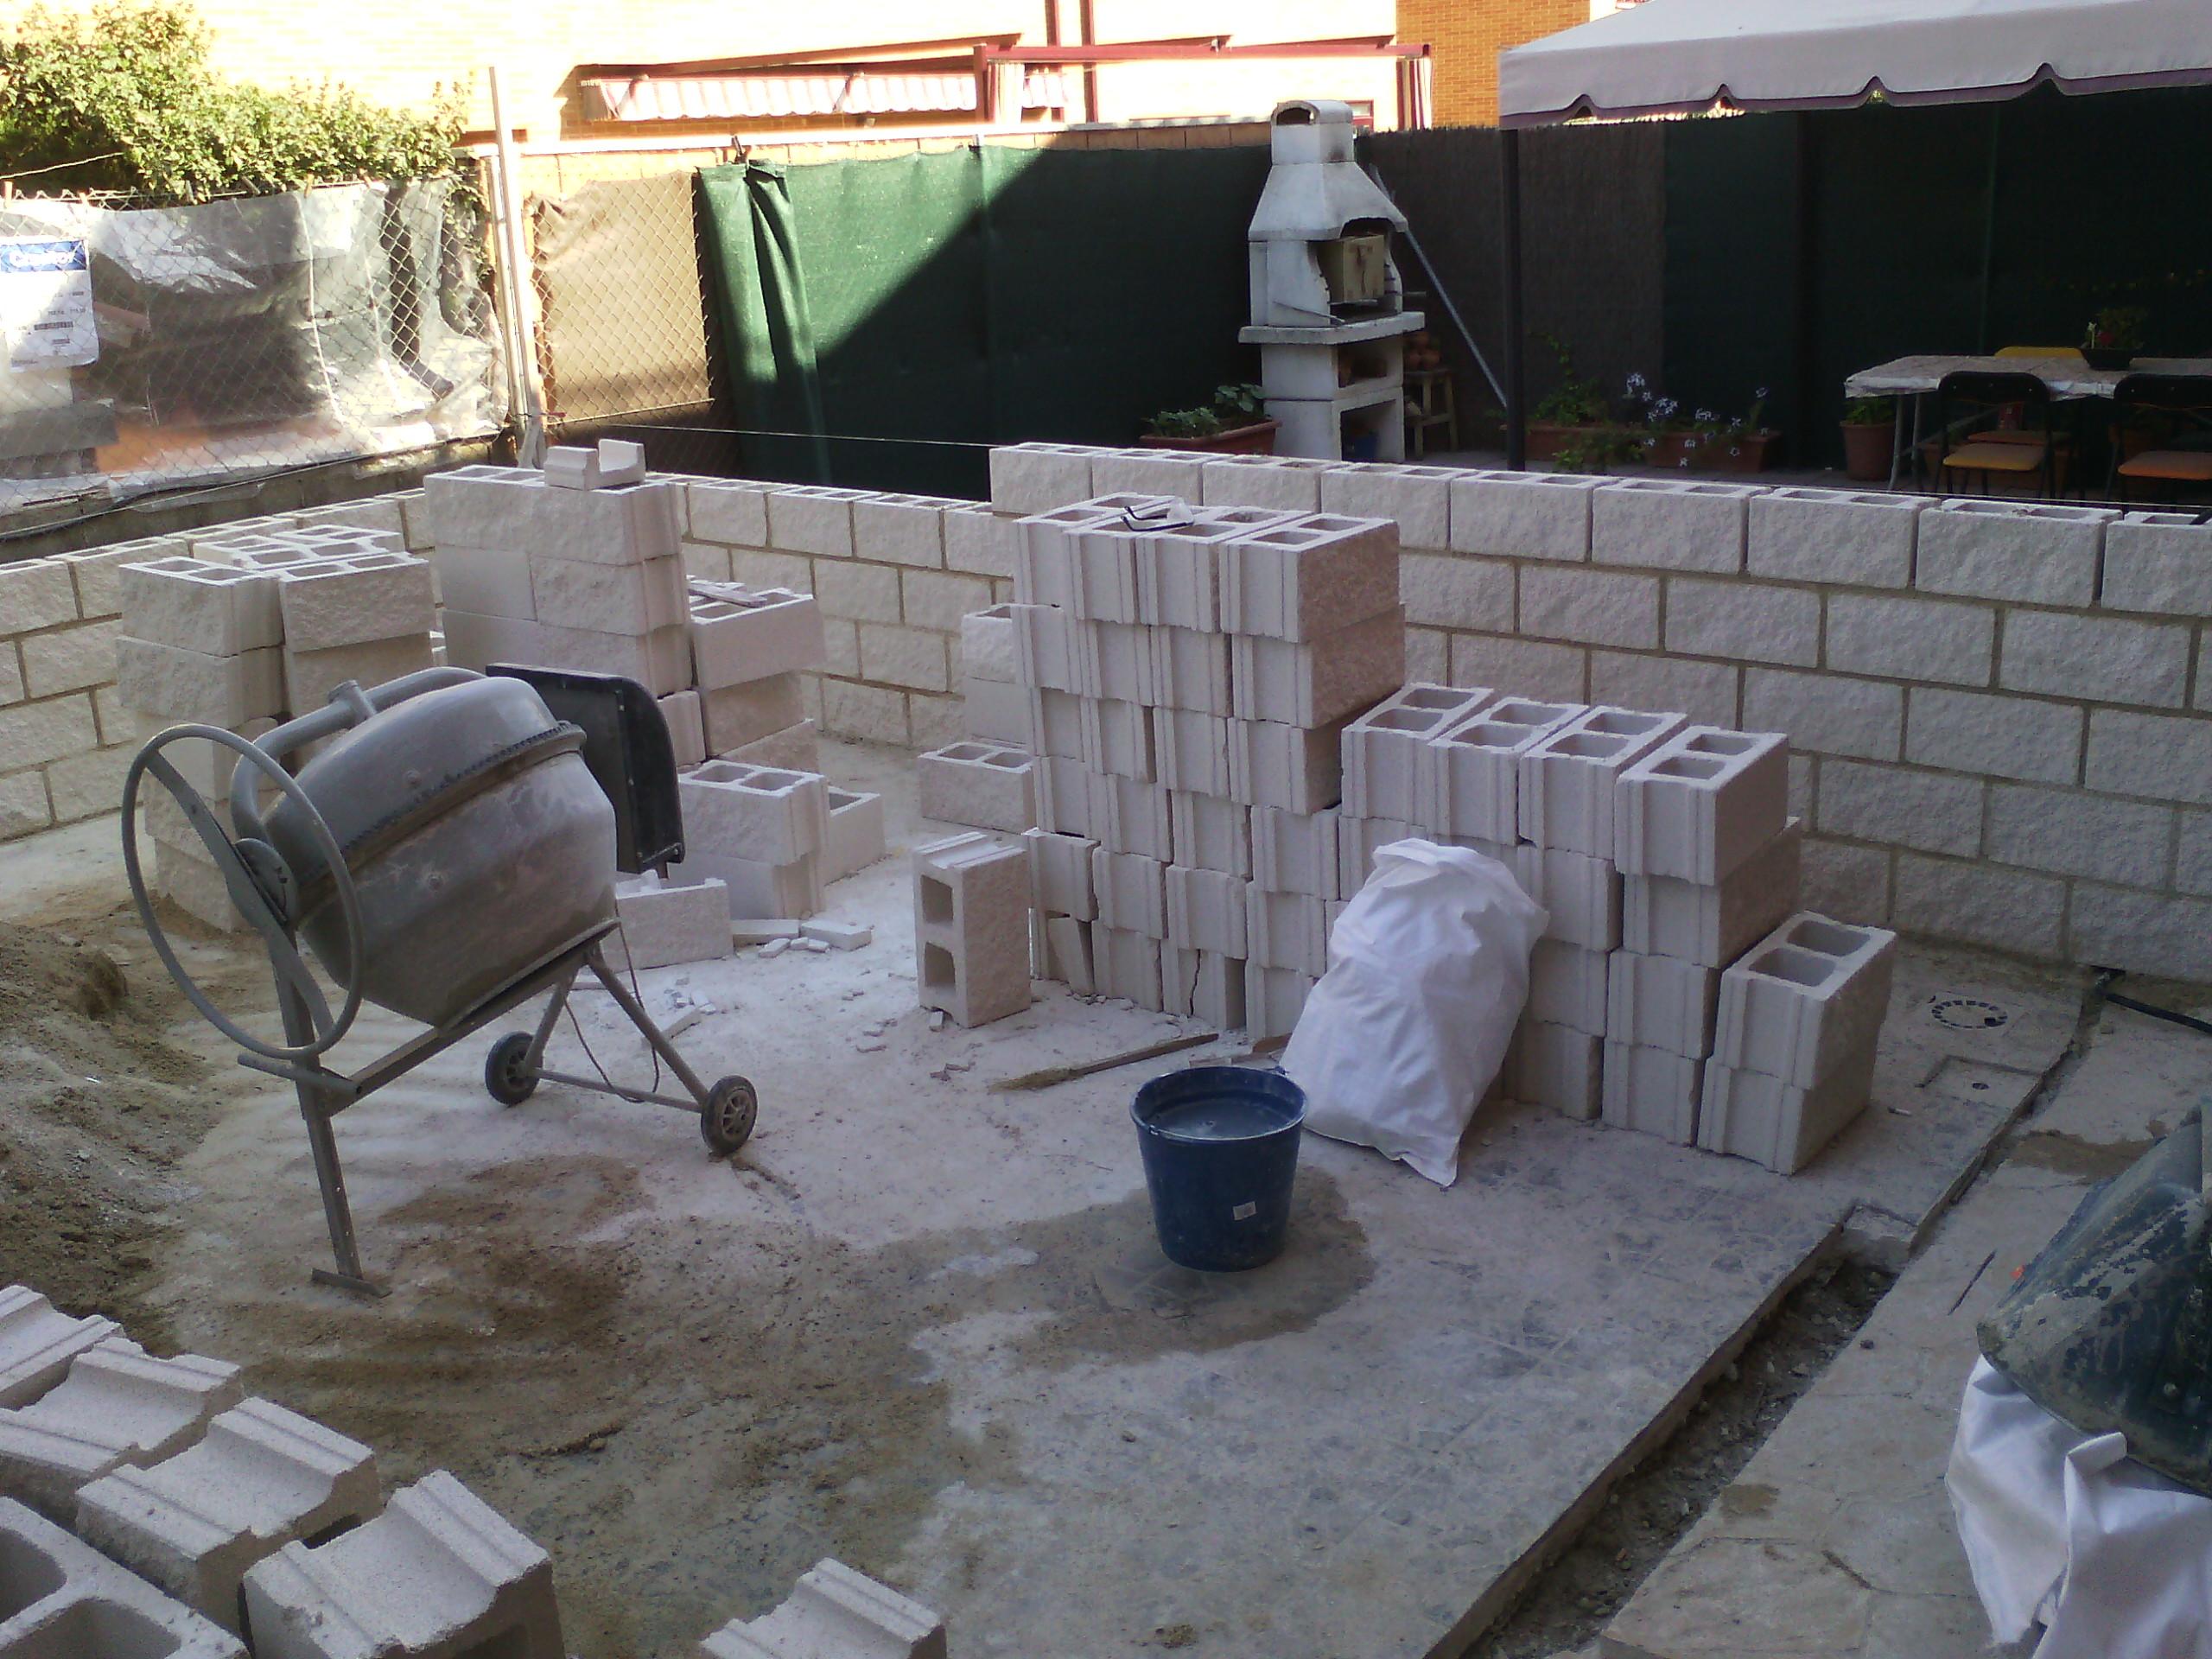 Muro de bloques foto de archivo bloques de cemento - Cemento blanco precio ...